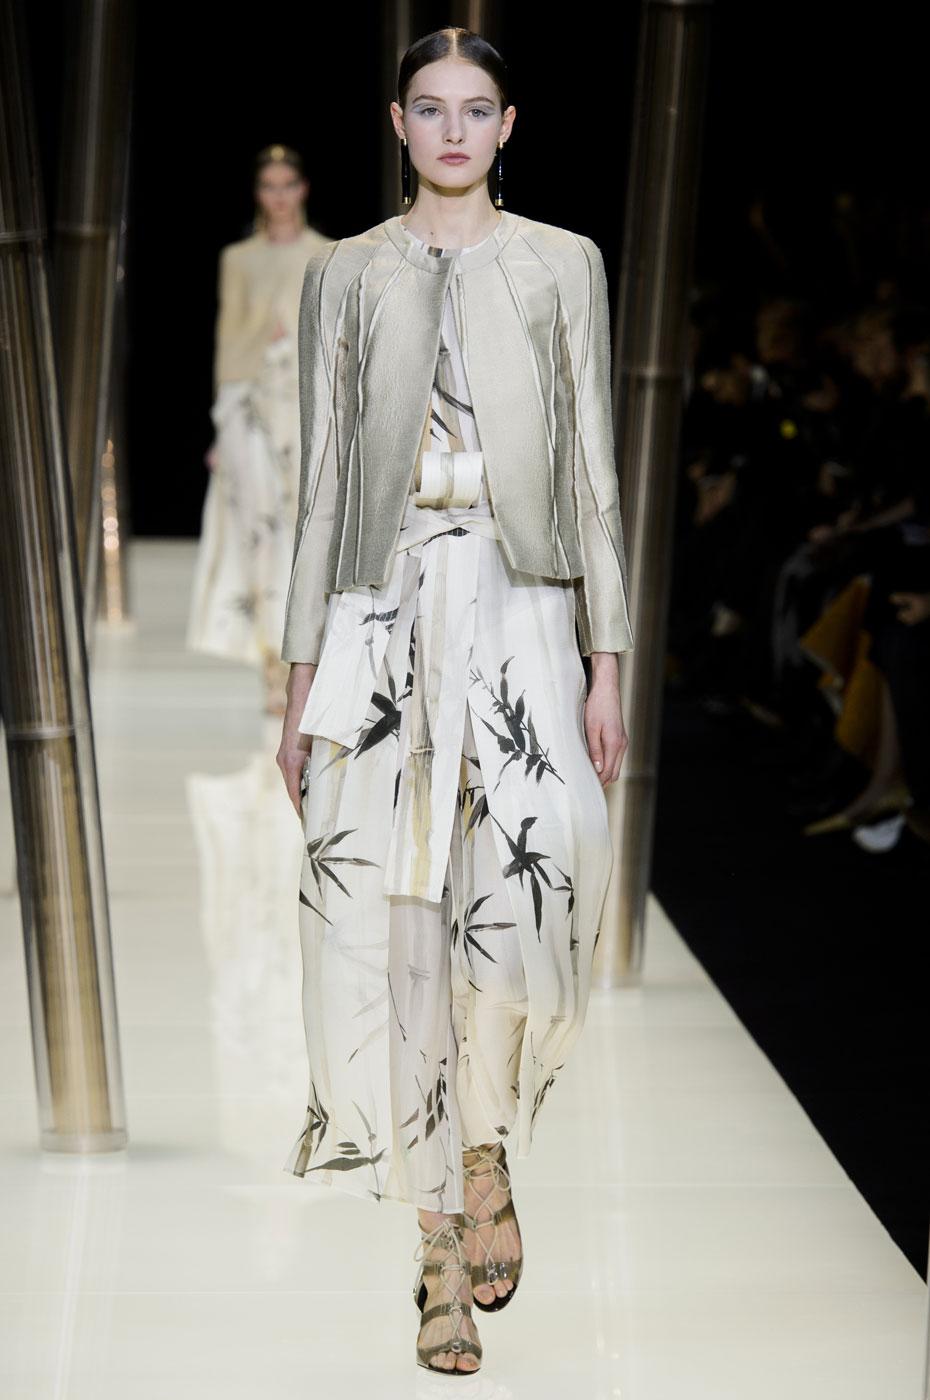 Giorgio-armani-Prive-fashion-runway-show-haute-couture-paris-spring-2015-the-impression-011